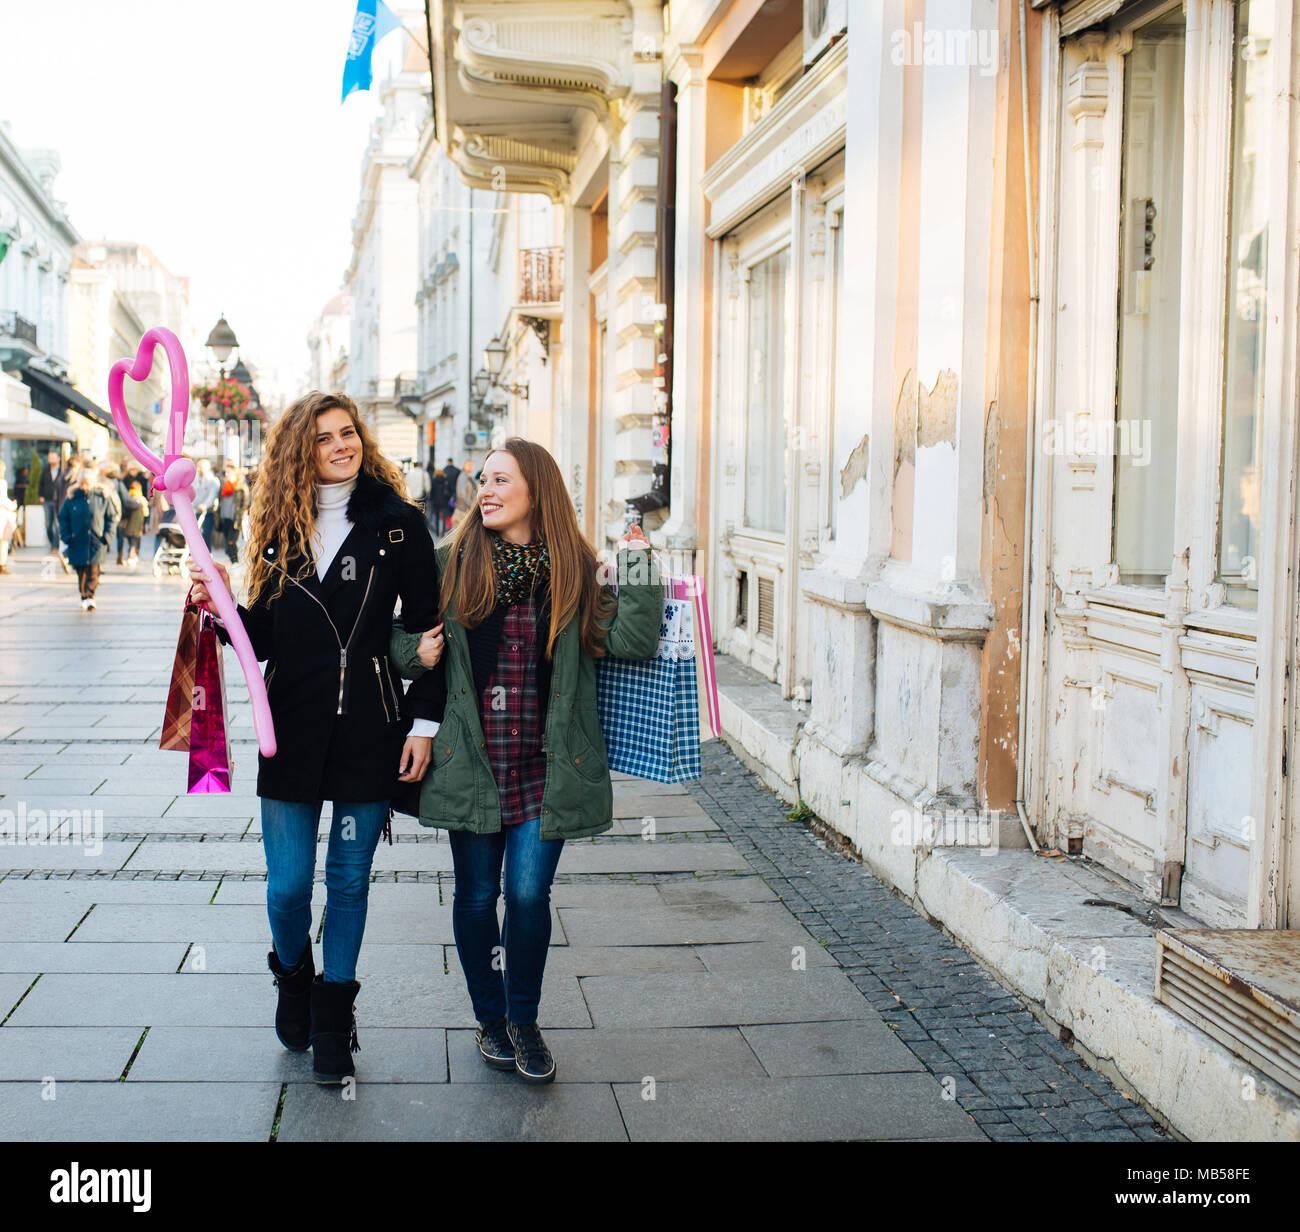 Zwei attraktive junge Frauen ist mit Einkaufsmöglichkeiten zufrieden und auf der Straße Stockbild